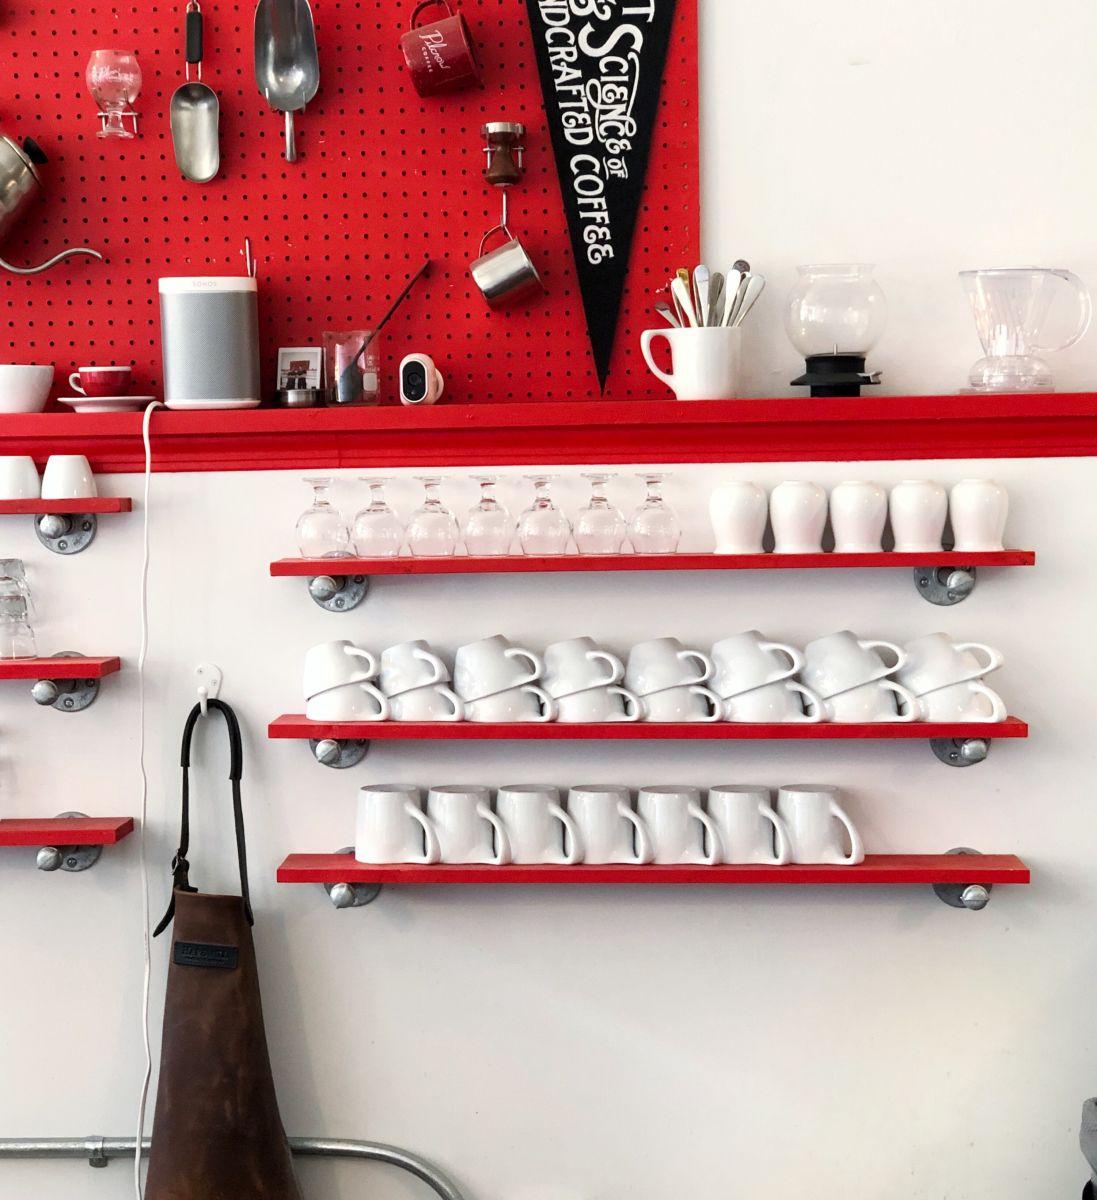 صور افكار لتجديد المطبخ القديم بالصور , اعملي من مطبخك القديم مطبخ تركي